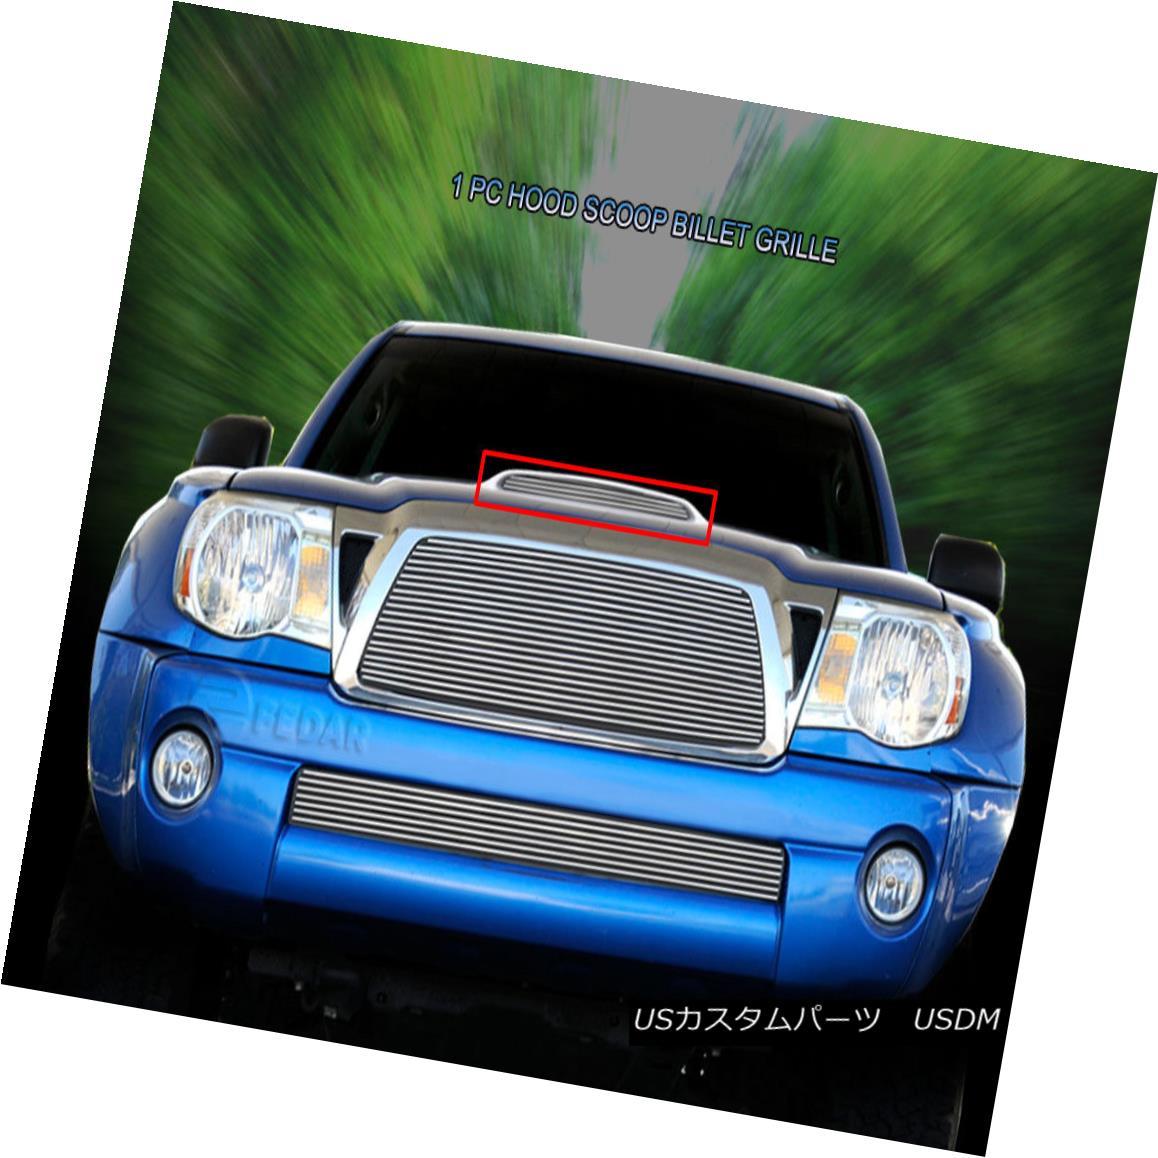 グリル For 2005-2011 Toyota Tacoma TRD Sport Replacement Hood Scoop Billet Grille Fedar 2005?2011年トヨタタコマTRDスポーツ交換フードスクープビレットグリルフェルダー